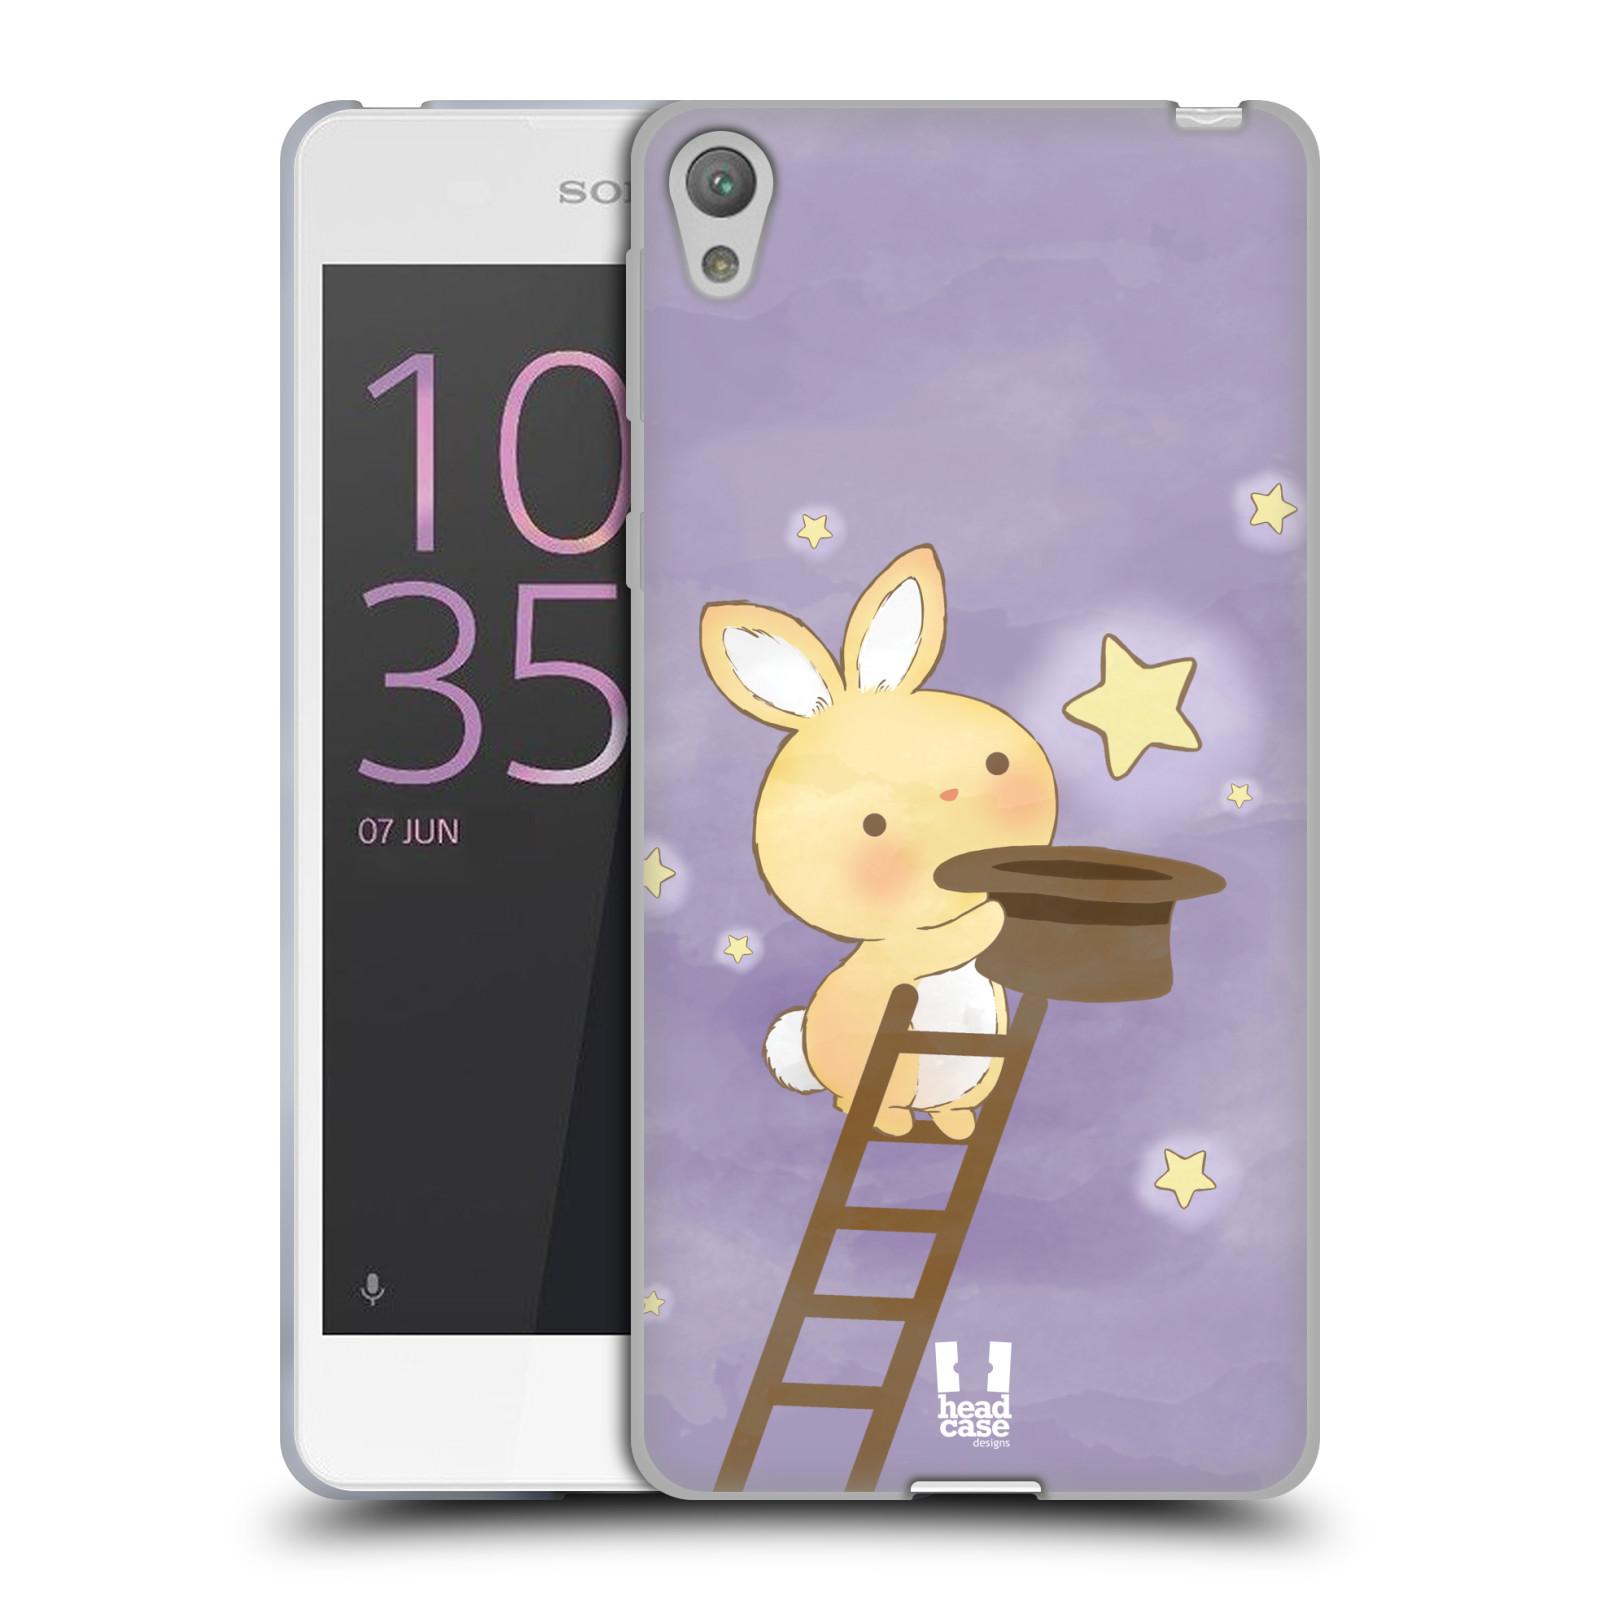 HEAD CASE silikonový obal na mobil SONY XPERIA E5 vzor králíček a hvězdy fialová